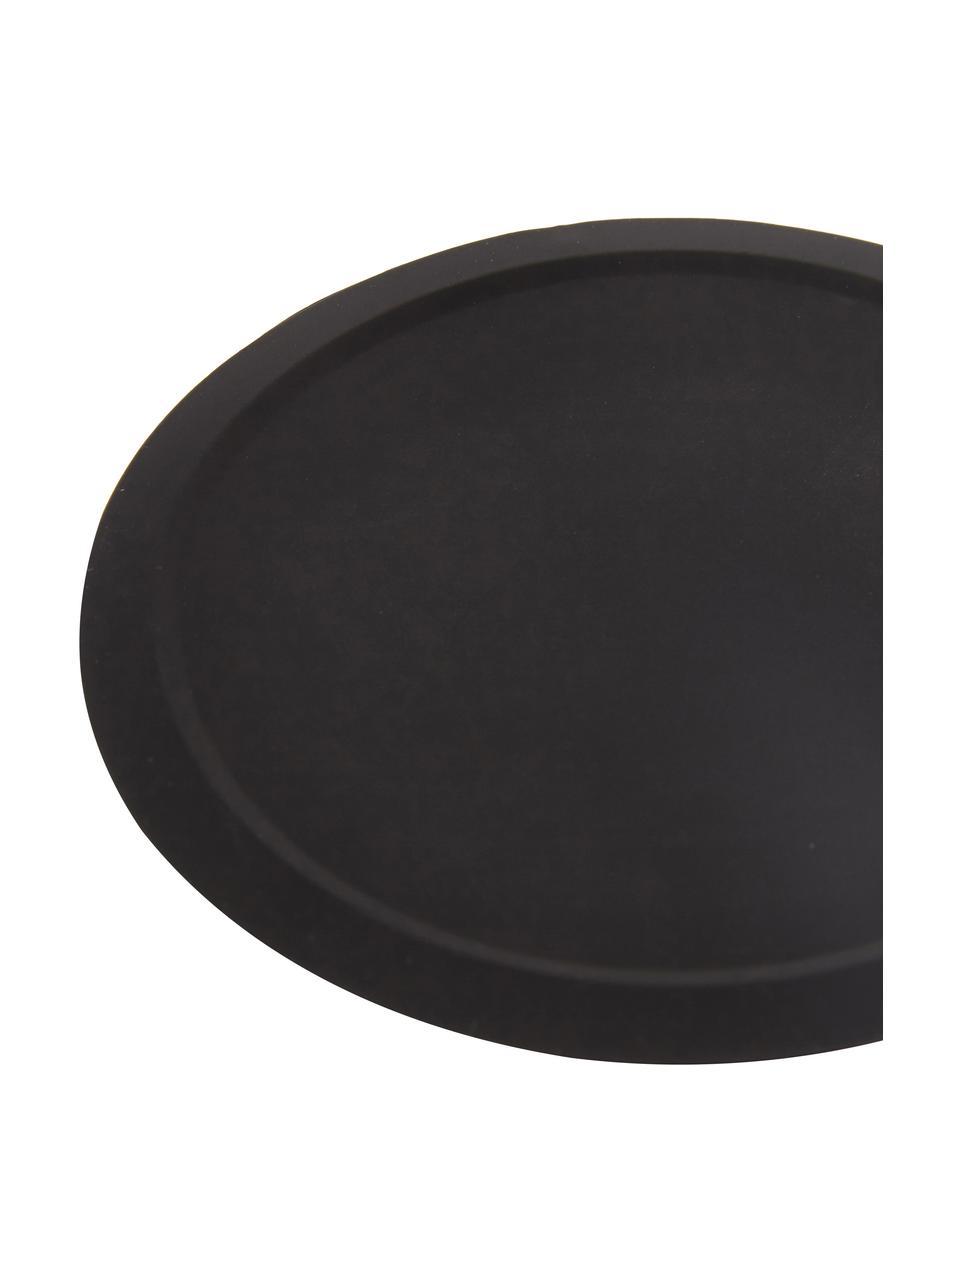 Silikon-Untersetzer Plain mit Halterung, 6 Stück, Untersetzer: Rutschfestes Silikon, Halterung: Metall, Schwarz, Ø 10 cm